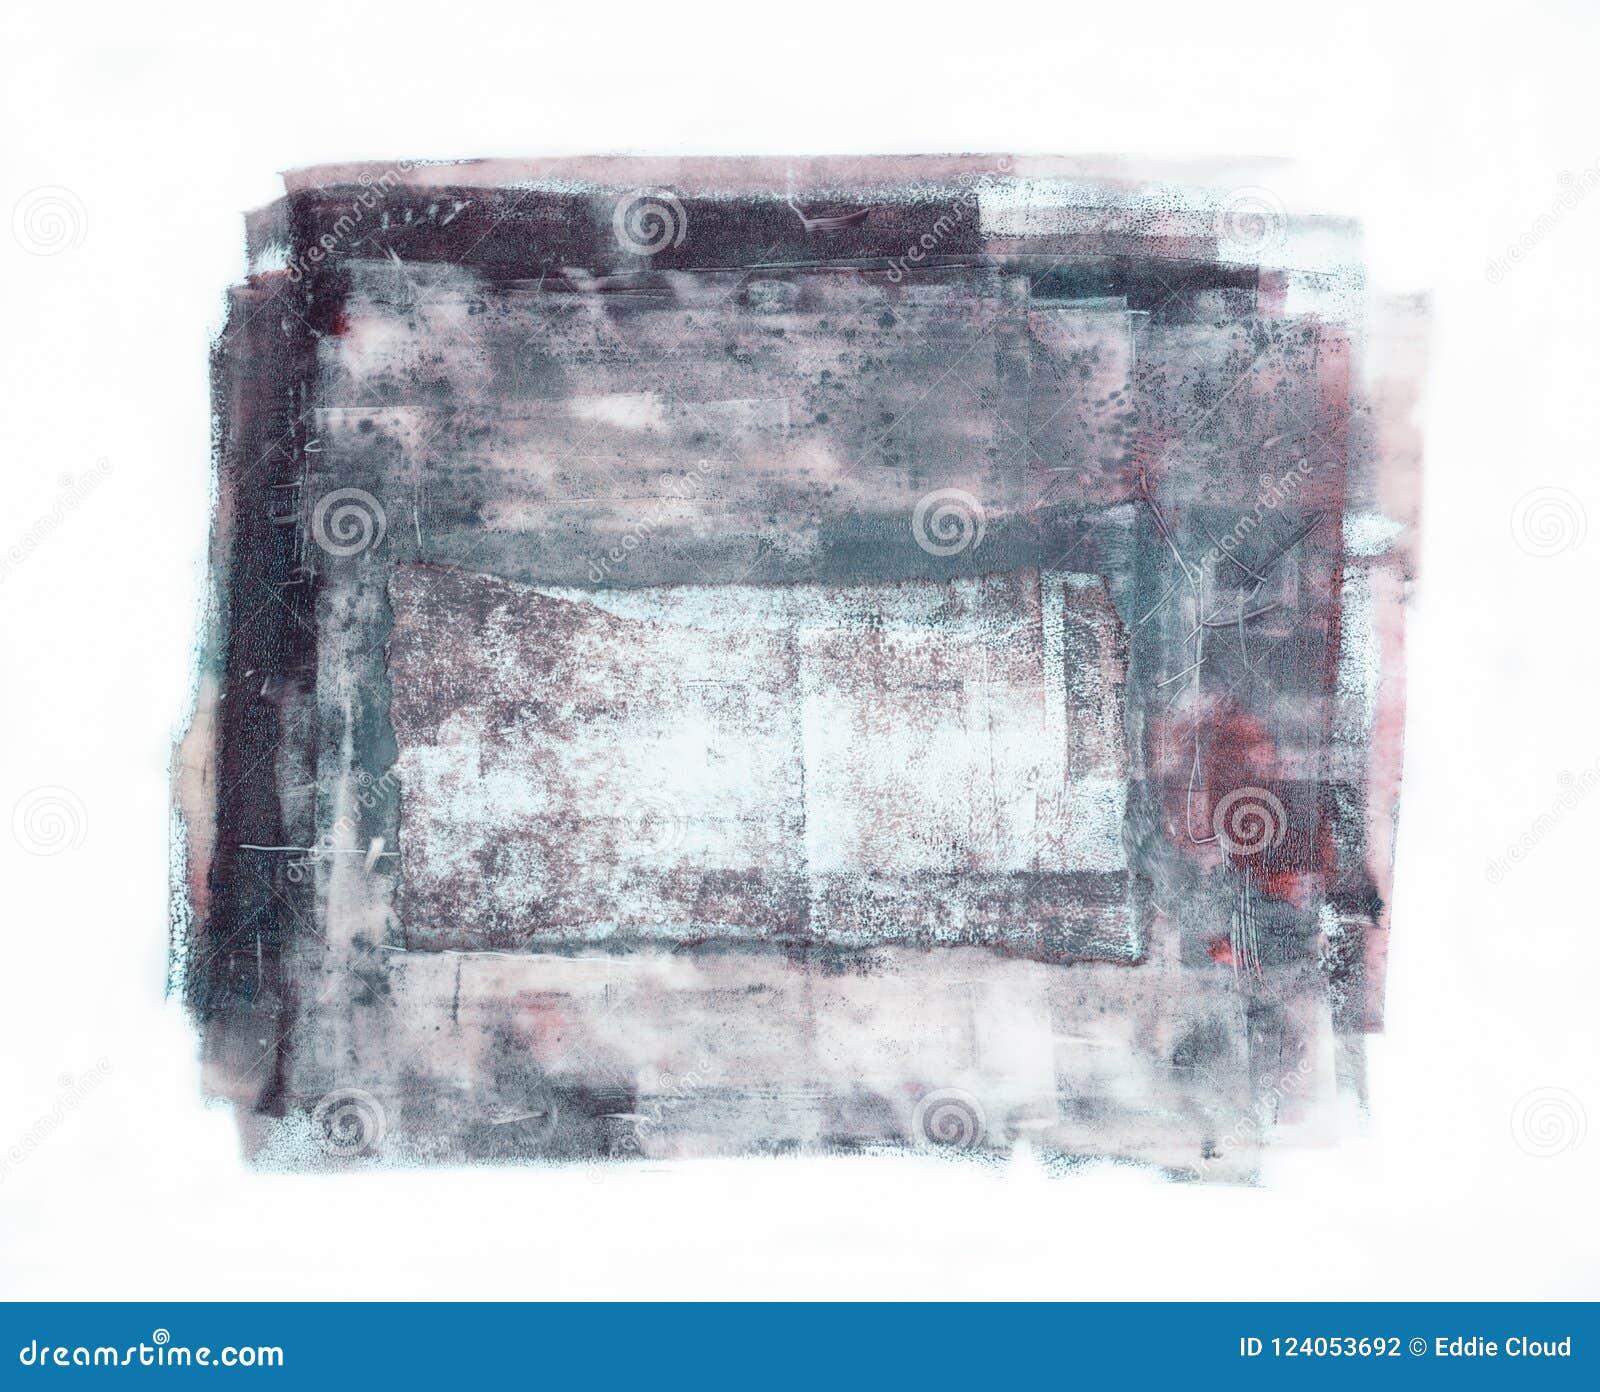 Χειροποίητο αφηρημένο Scratchy μπάλωμα που απομονώνεται στο άσπρο υπόβαθρο